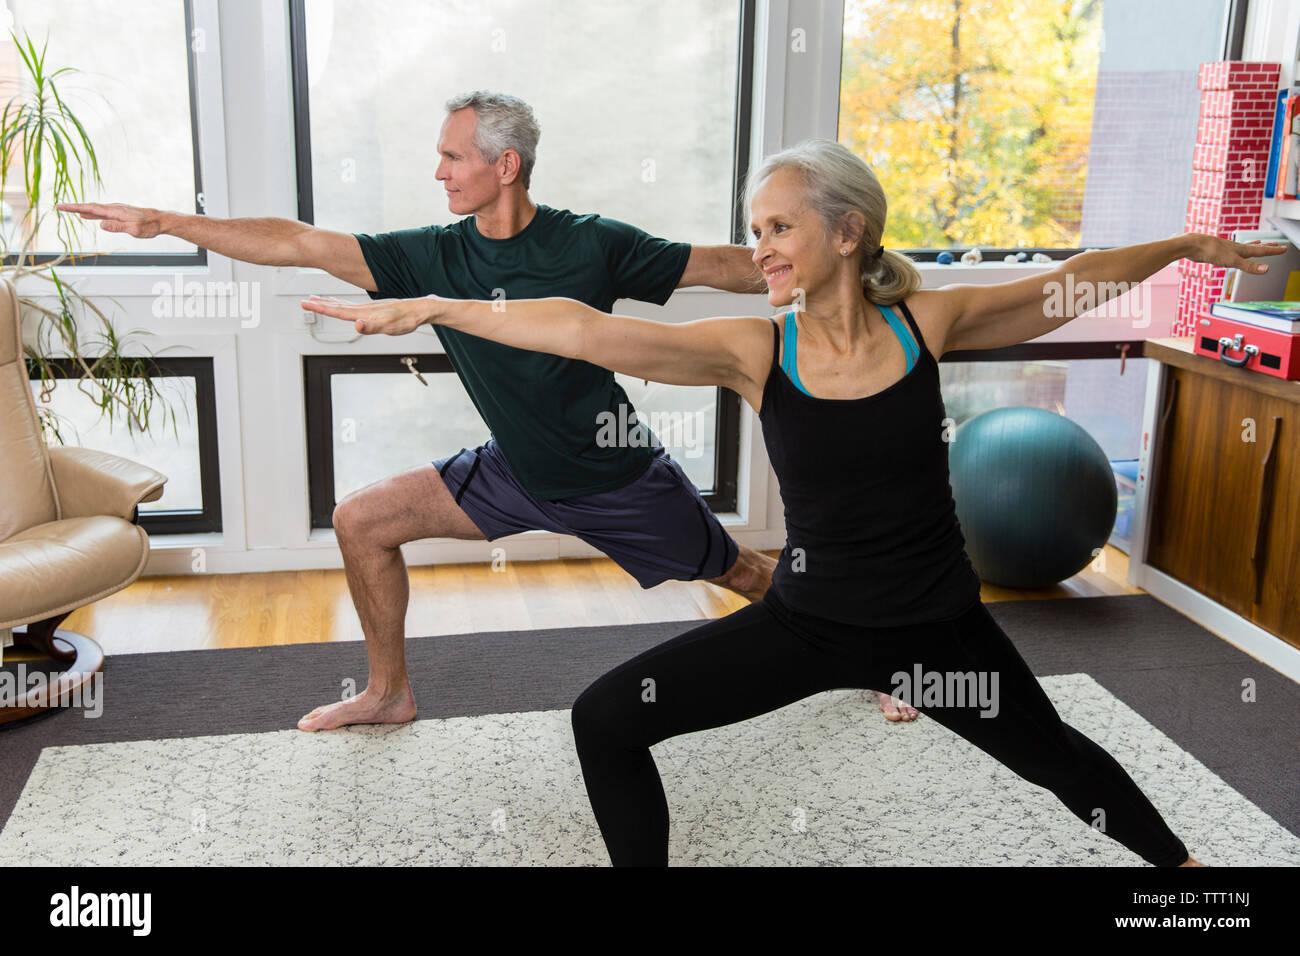 Pareja con los brazos extendidos y piernas separadas ejercicio en el hogar Imagen De Stock